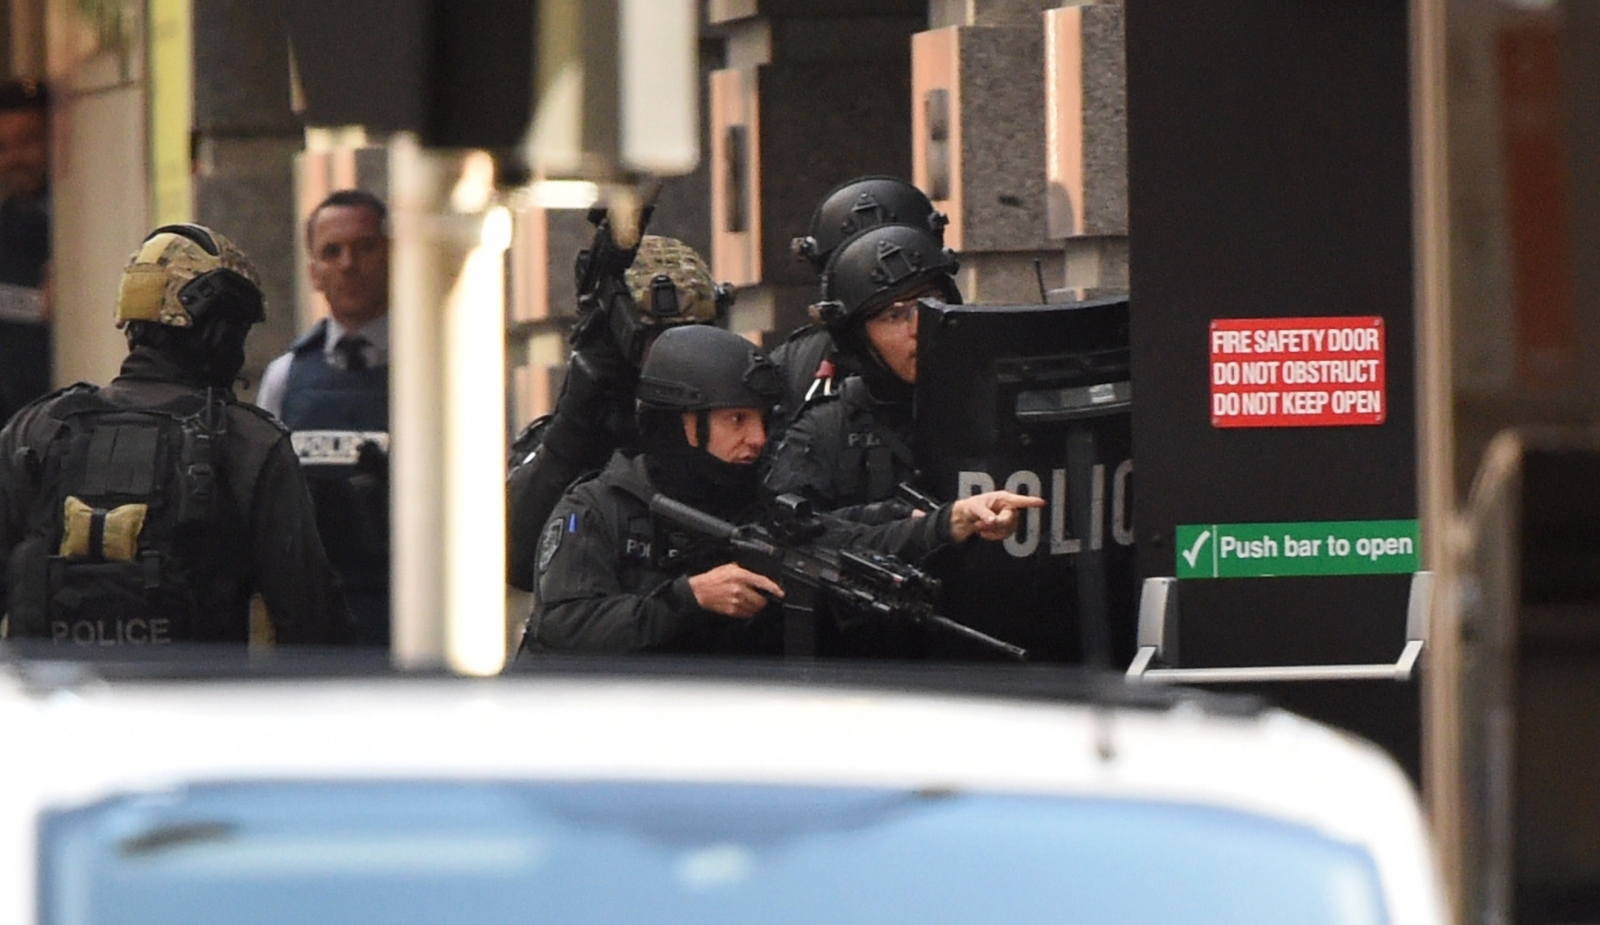 Sydney siege: Police urge media blackout as hostages post gunman's demands on social media